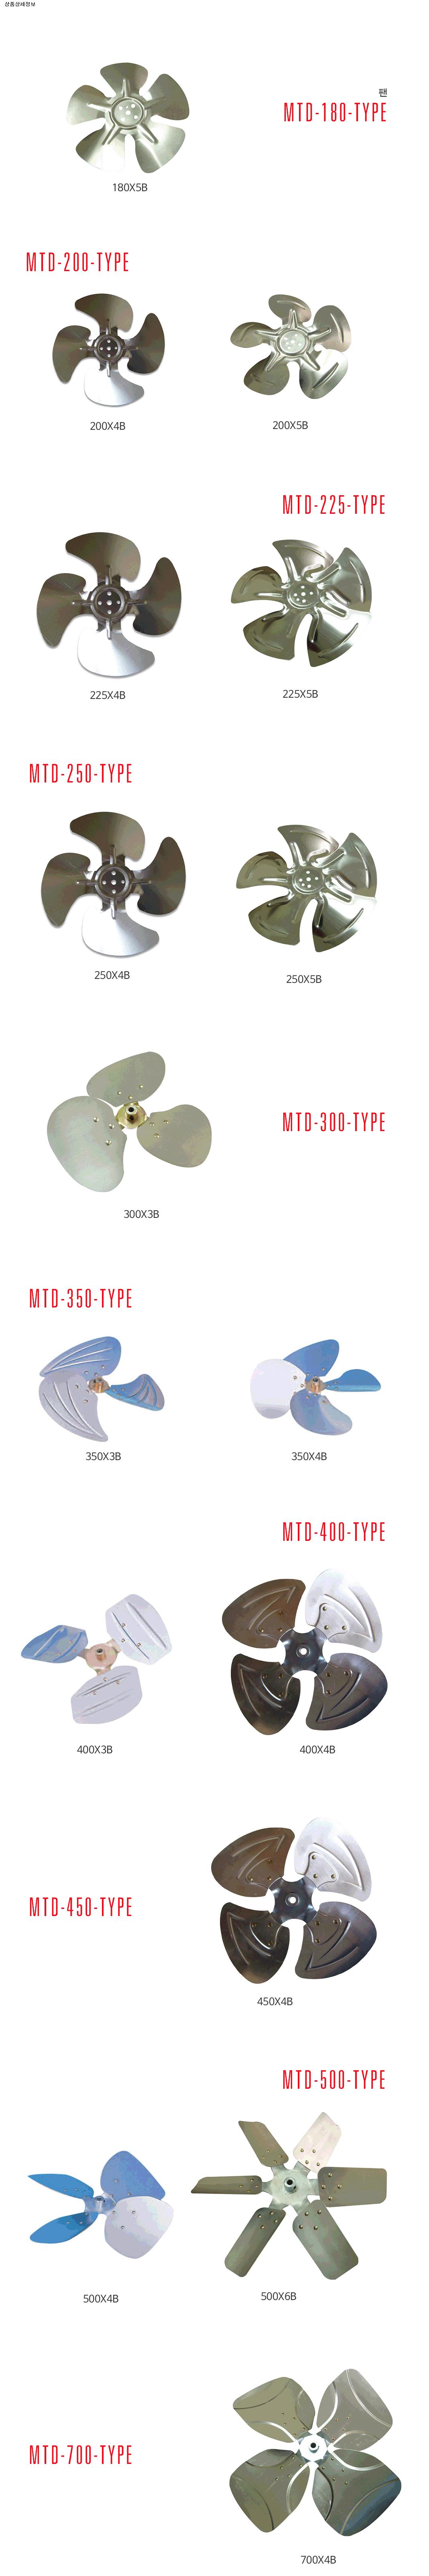 모타돌 팬 MTD-180 Type